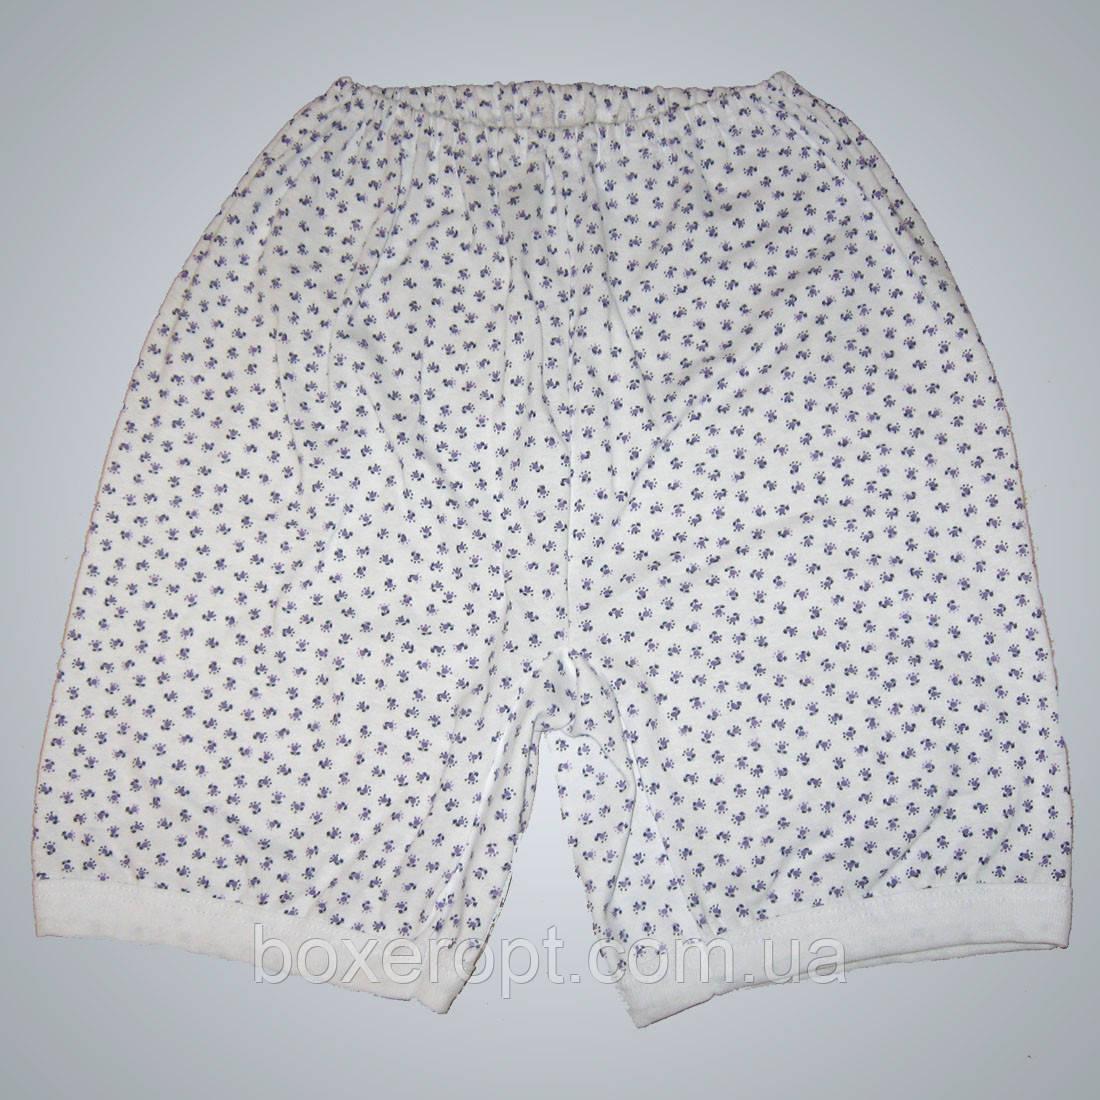 Панталоны женские трикотажные (ростовками)